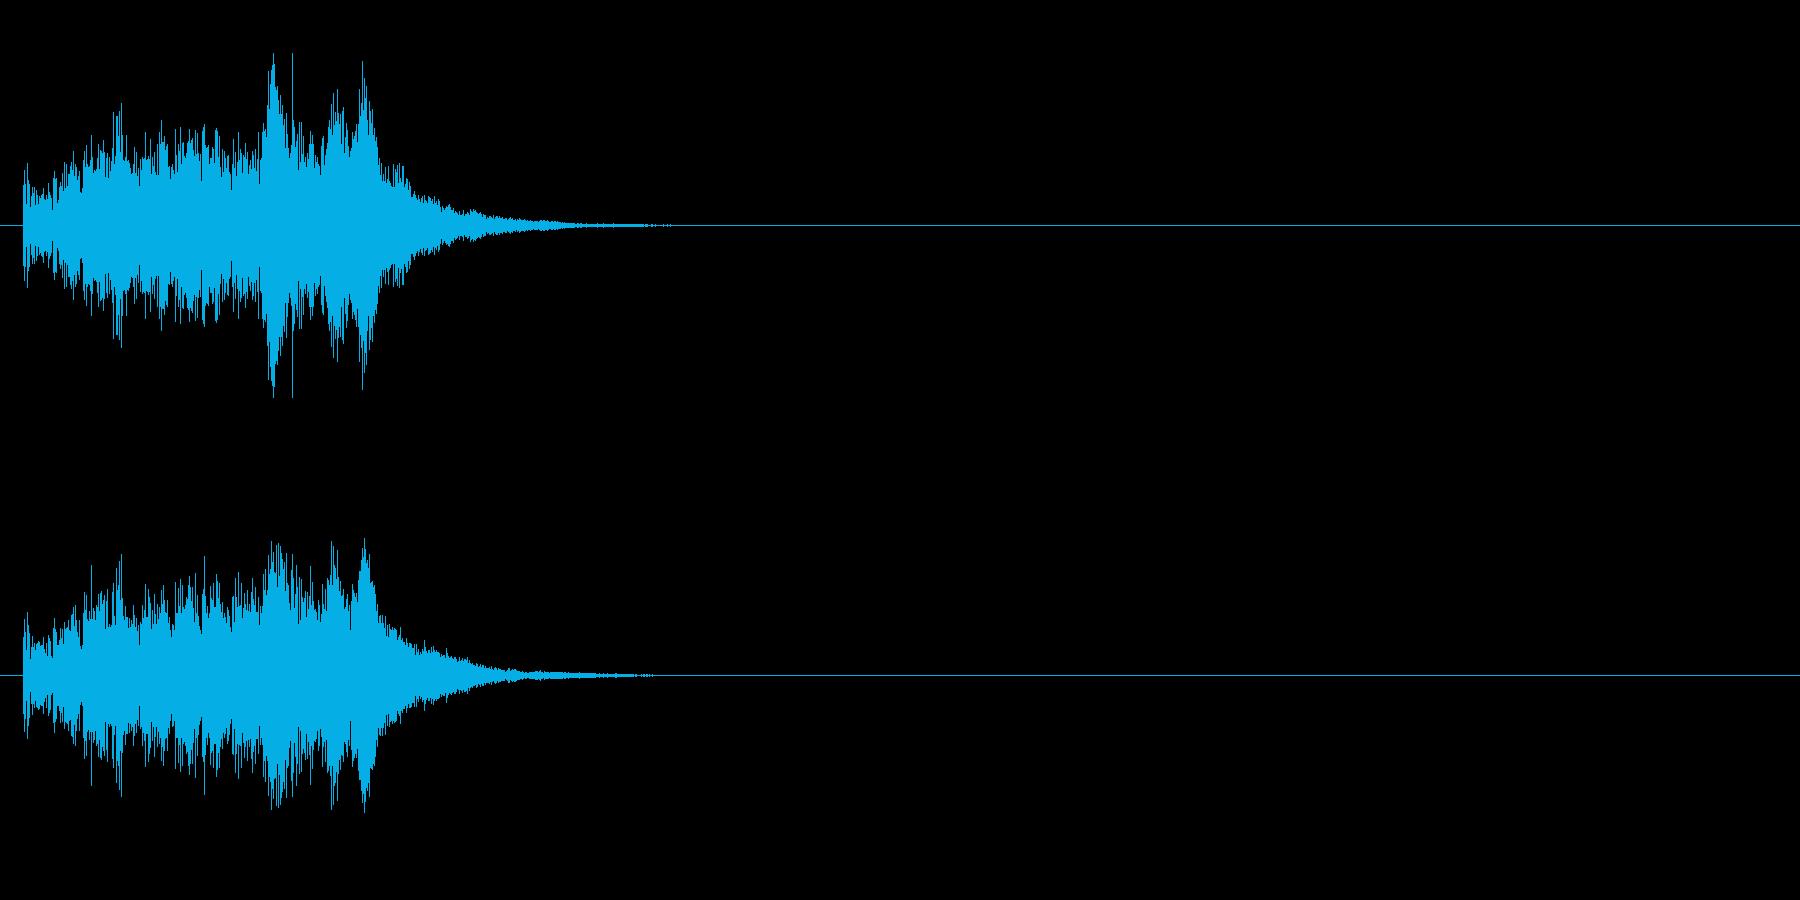 ジングル(キュー・アタック風)の再生済みの波形